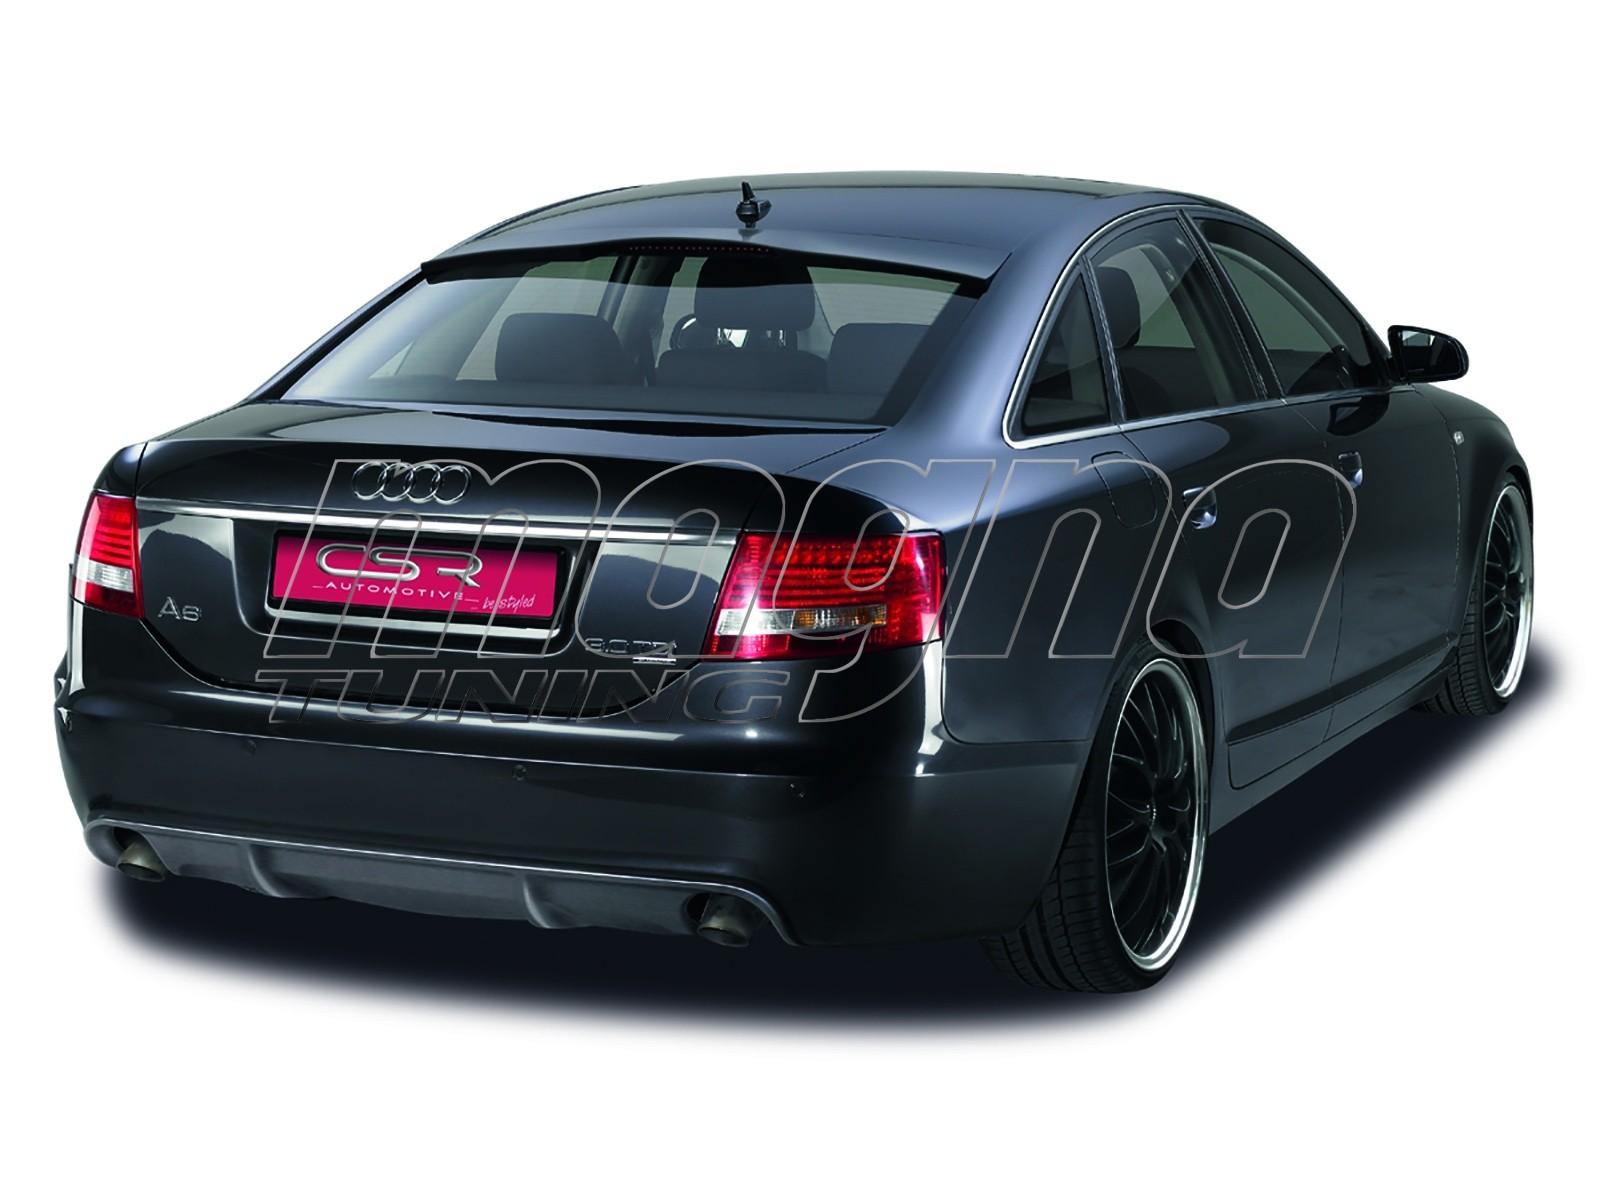 audi a6 c6 4f limousine sfx line rear bumper extension. Black Bedroom Furniture Sets. Home Design Ideas